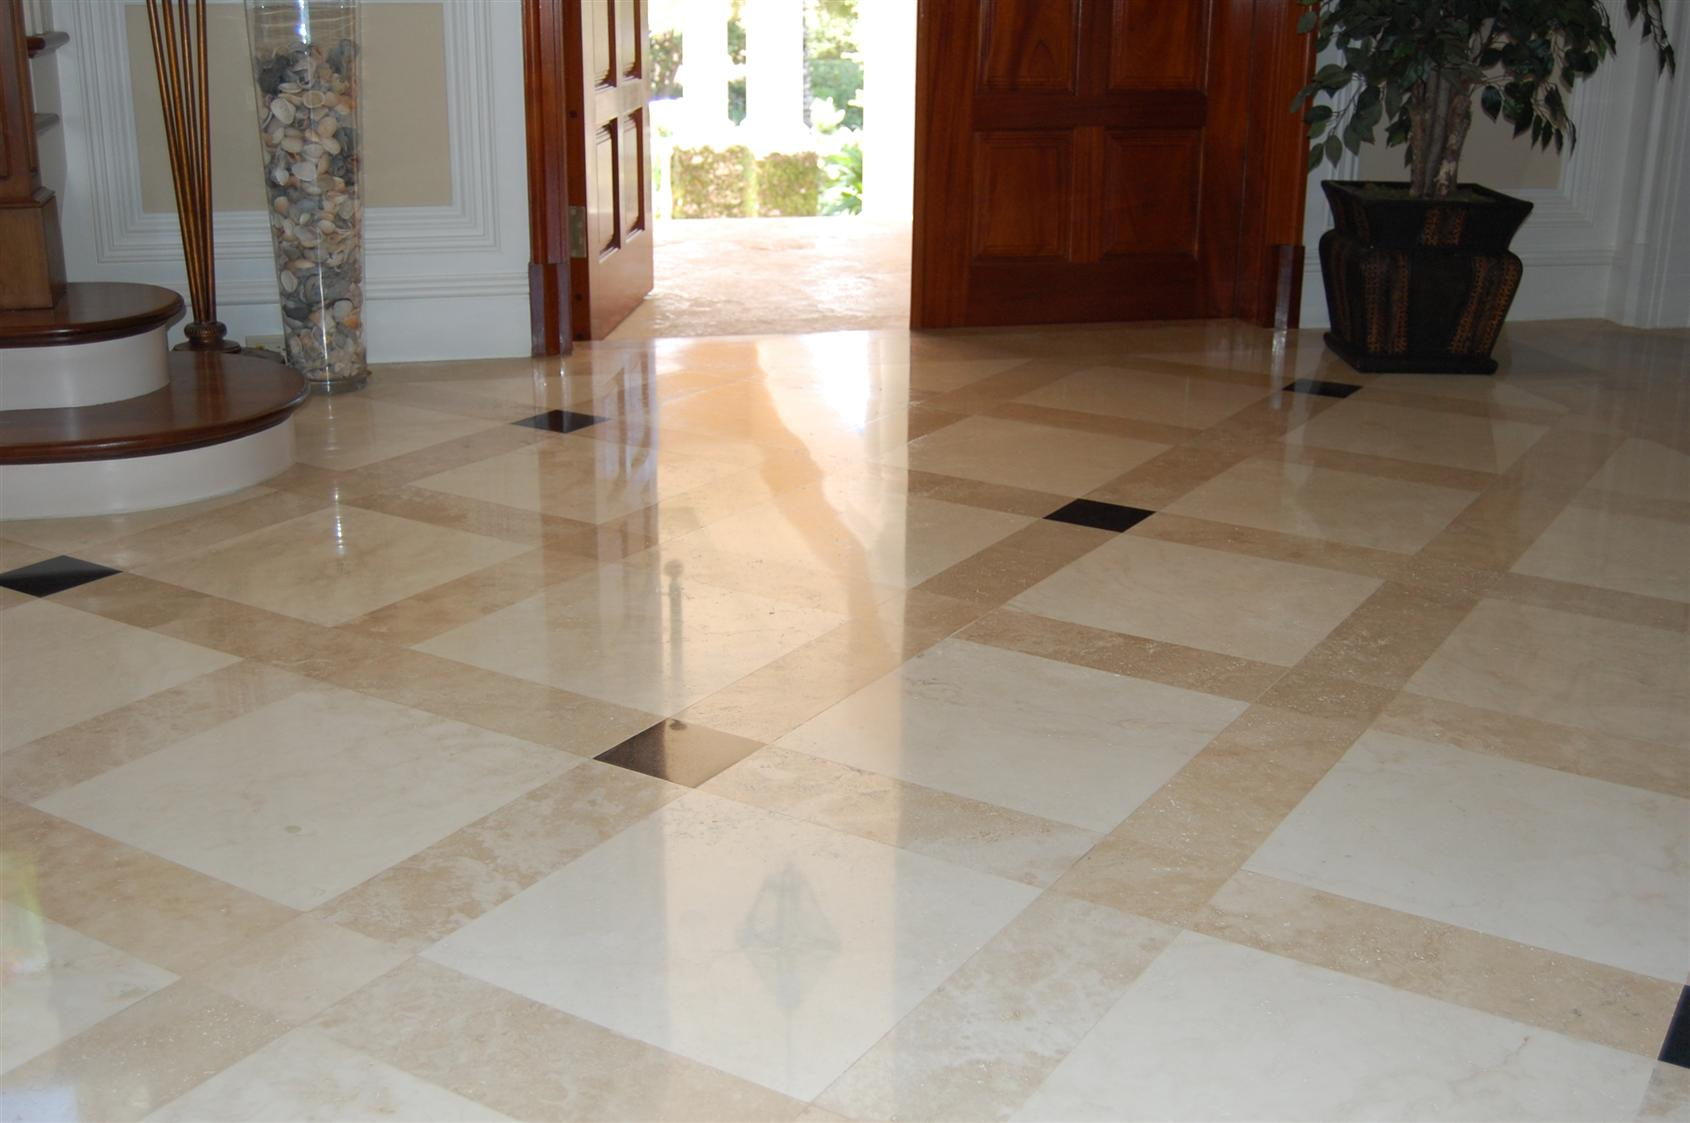 Pulido marmol terrazo barcelona pulir suelos hidr ulicos for Marmol caracteristicas y usos